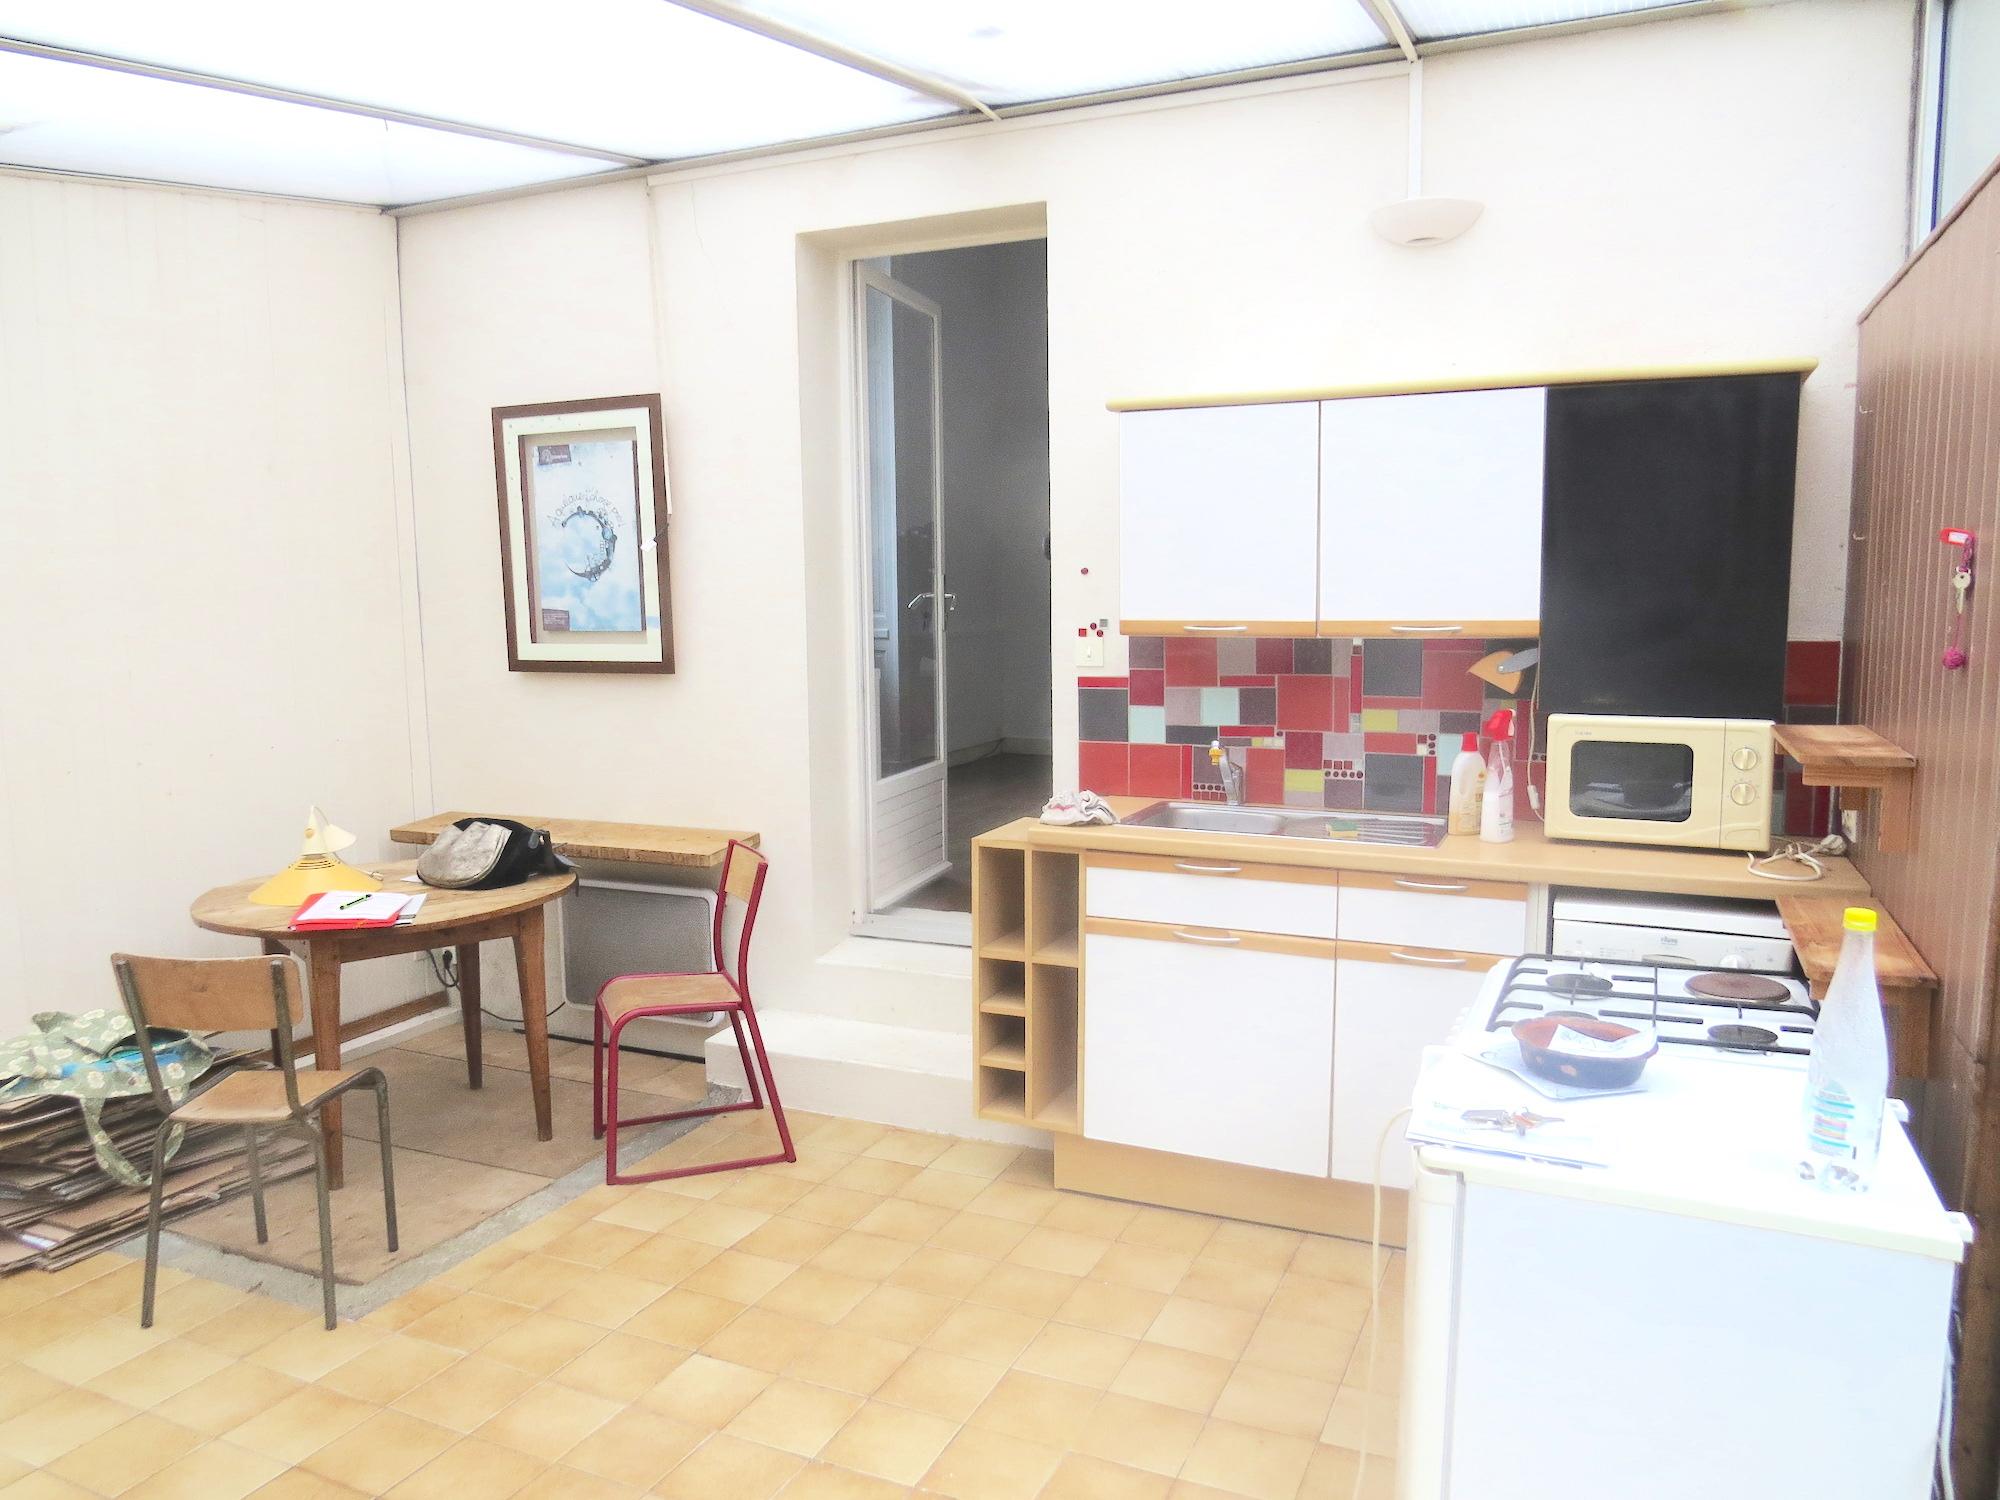 Alix deveaux immobilier for Garage versailles nantes